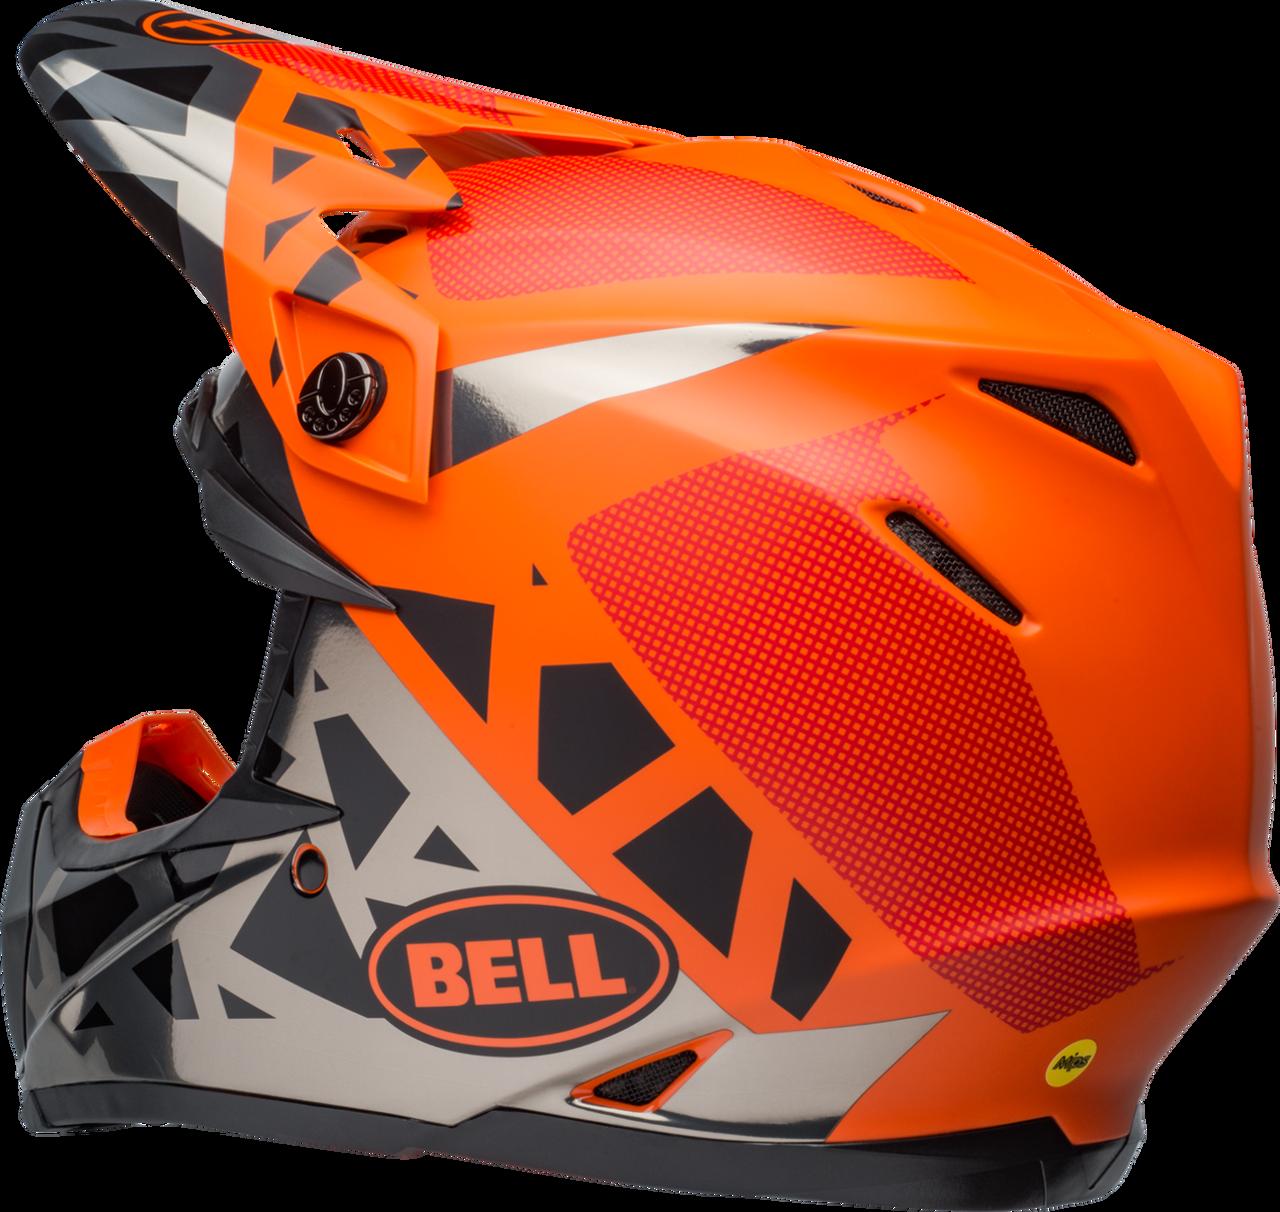 BELL MOTO-9 MIPS TREMOR MATTE/GLOSS BLACK/ORANGE/CHROME